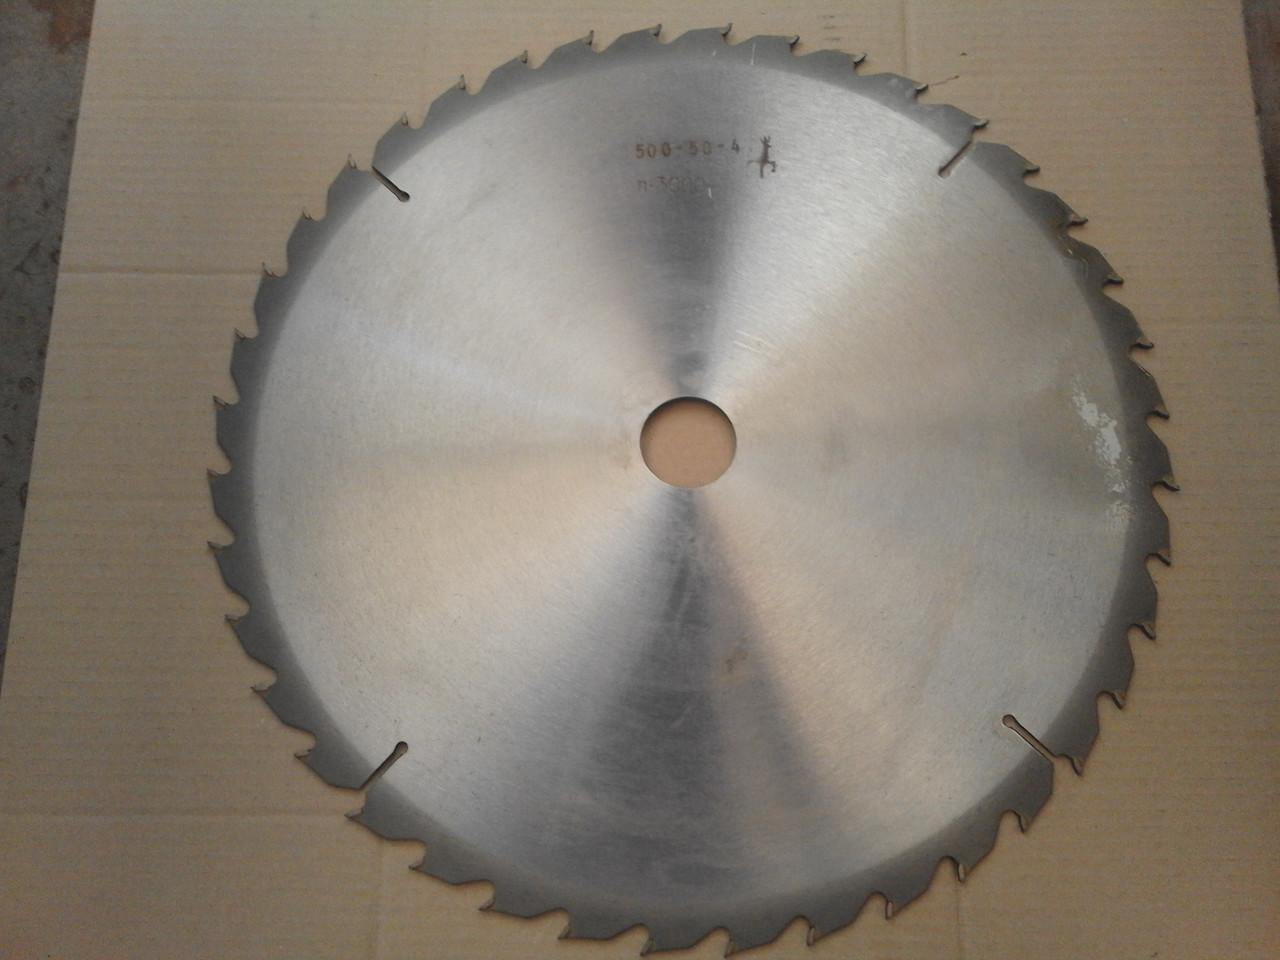 Пильный диск. 600х50. пильный диск по дереву. дисковая пила.